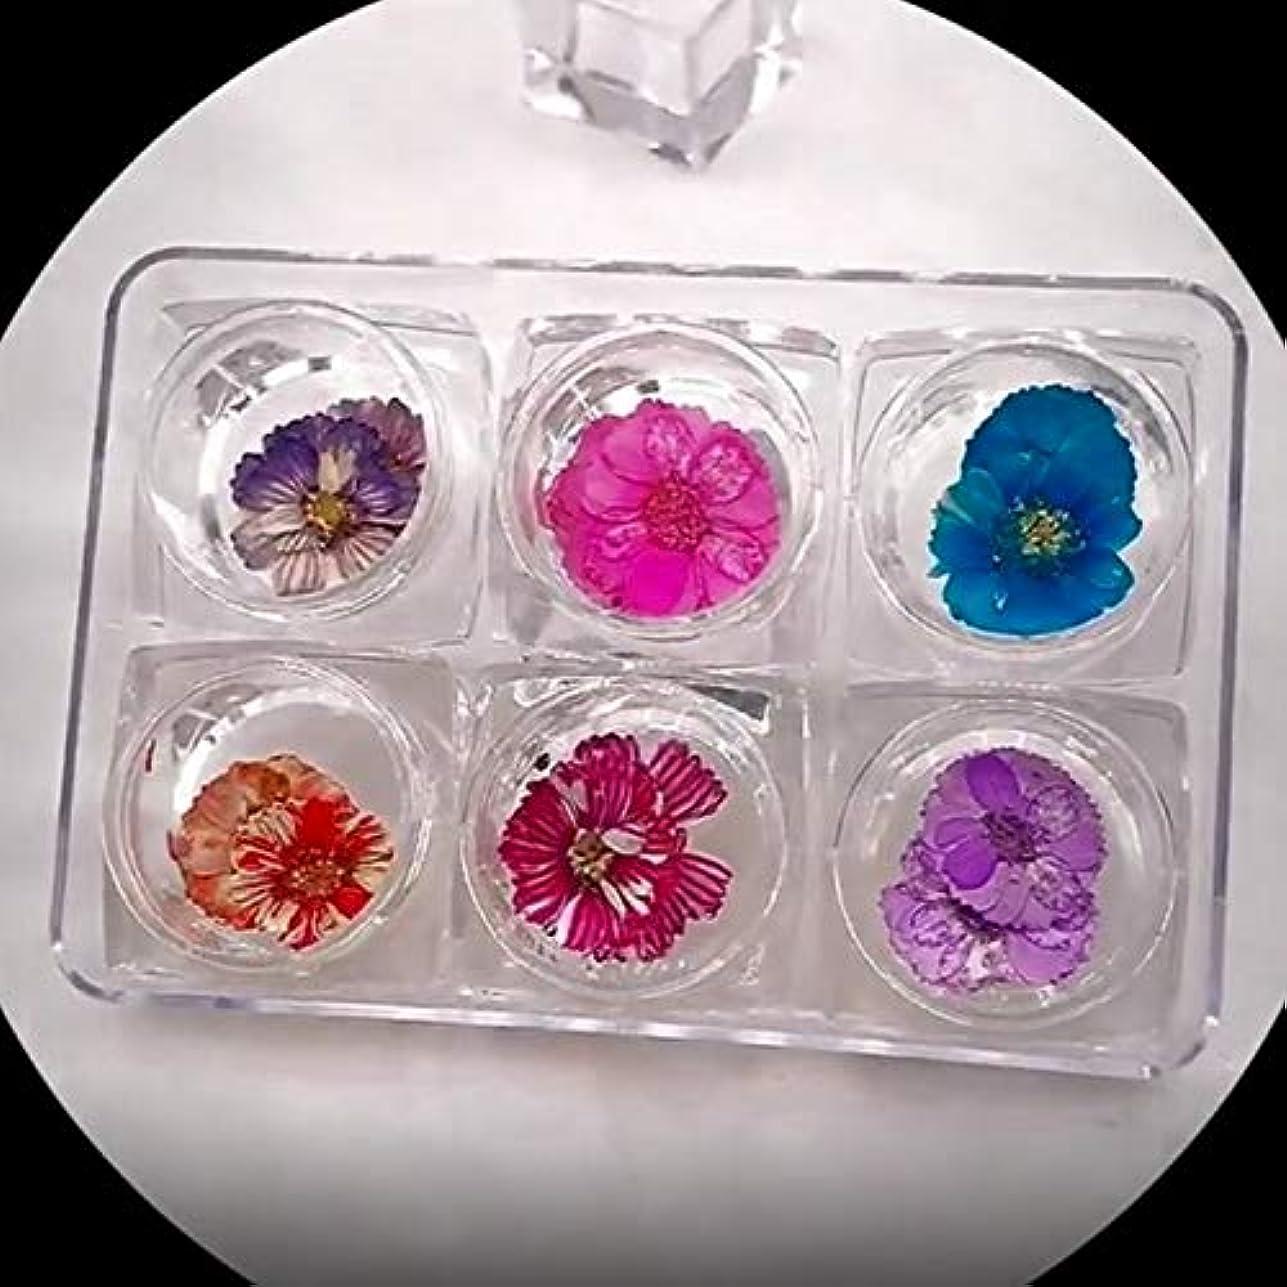 取る義務付けられたスパイQuzama-JS 独創的な新しい6色ネイルアートアップリケジュエリーセット日本語乾燥花花びら永遠の花の結晶装飾(None Picture Color)